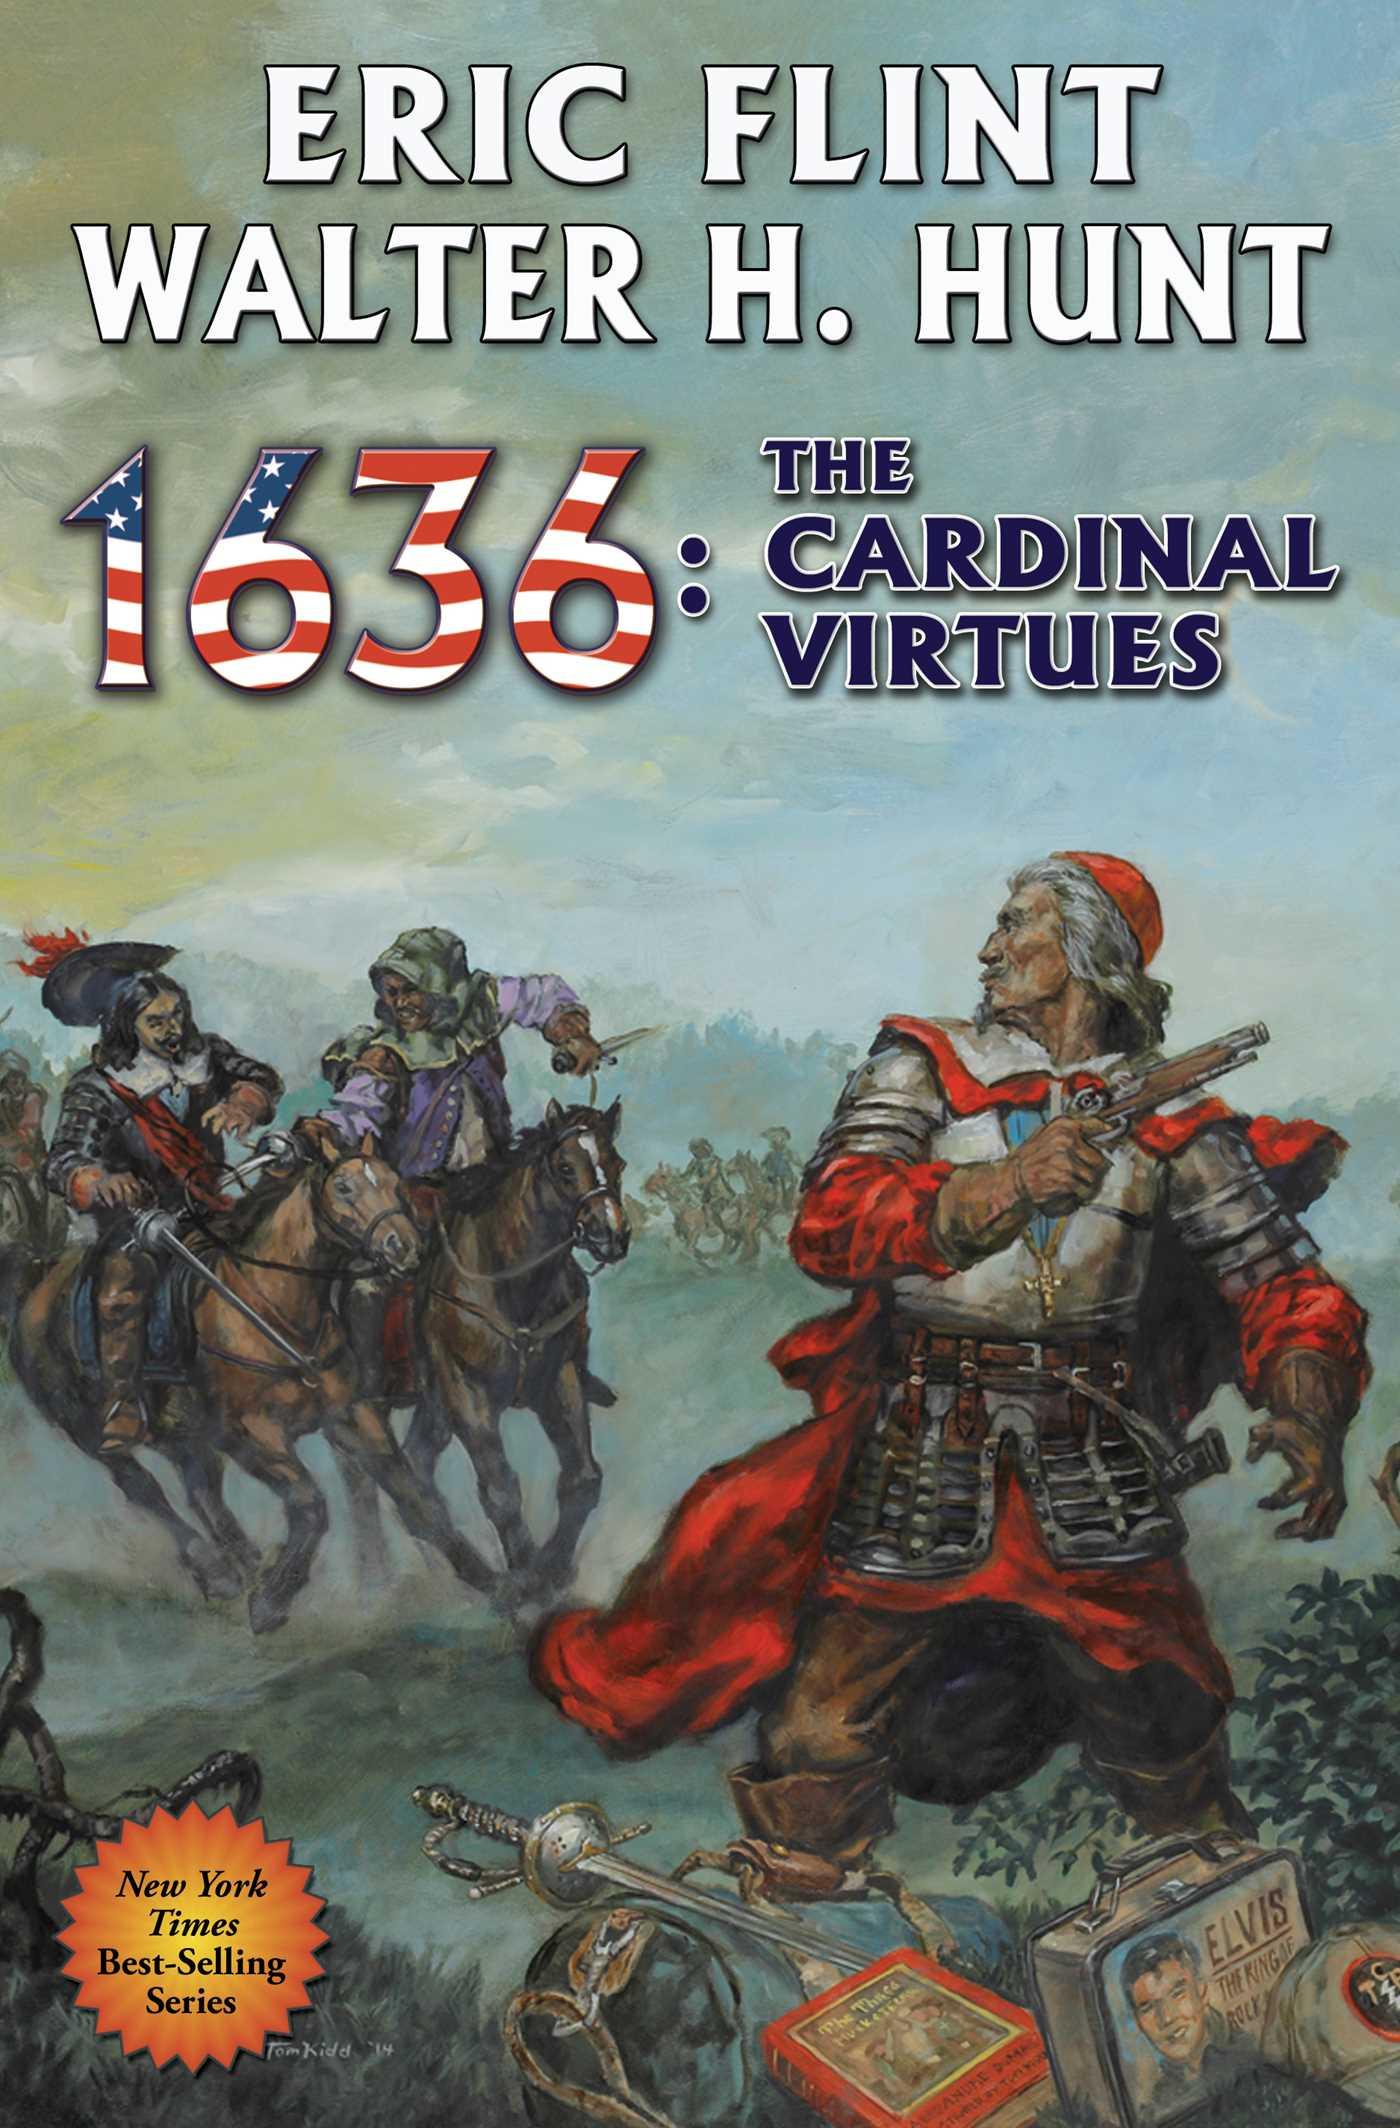 1636 the cardinal virtues 9781476780610 hr